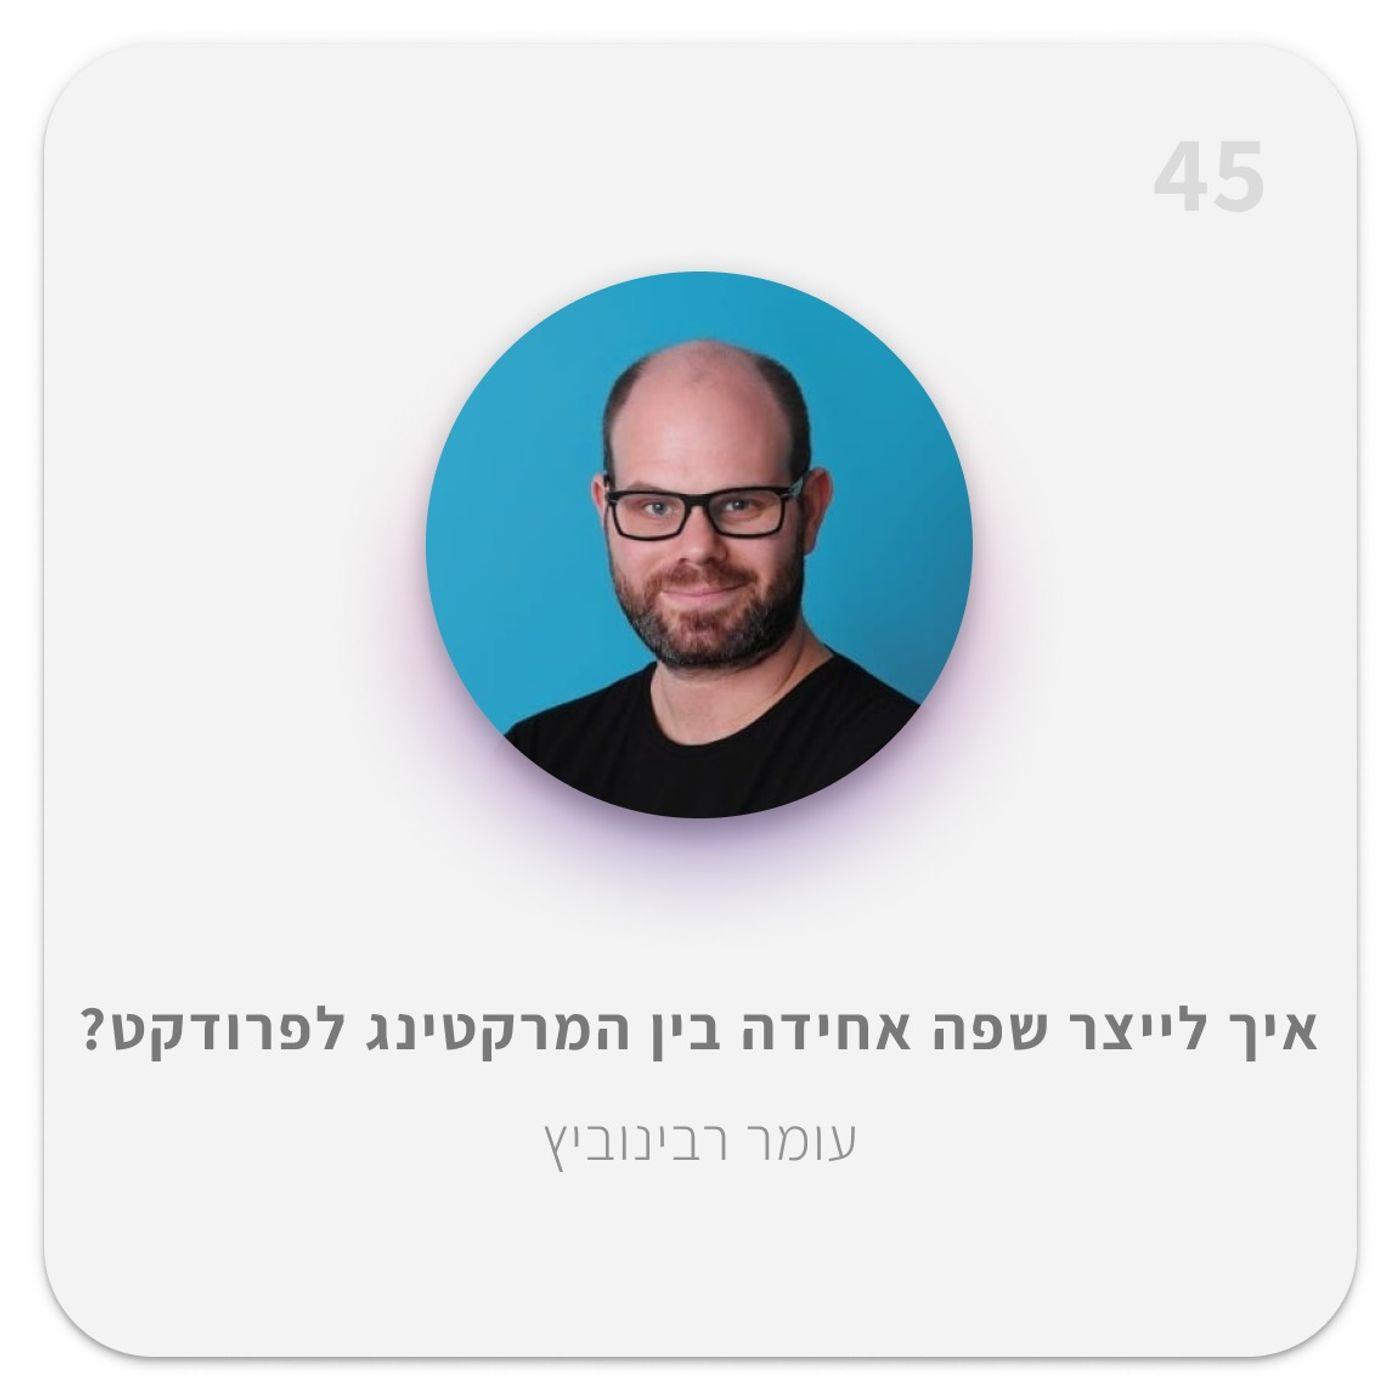 איך לייצר שפה אחידה בין המרקטינג לפרודקט? | עם עומק רבינוביץ 45